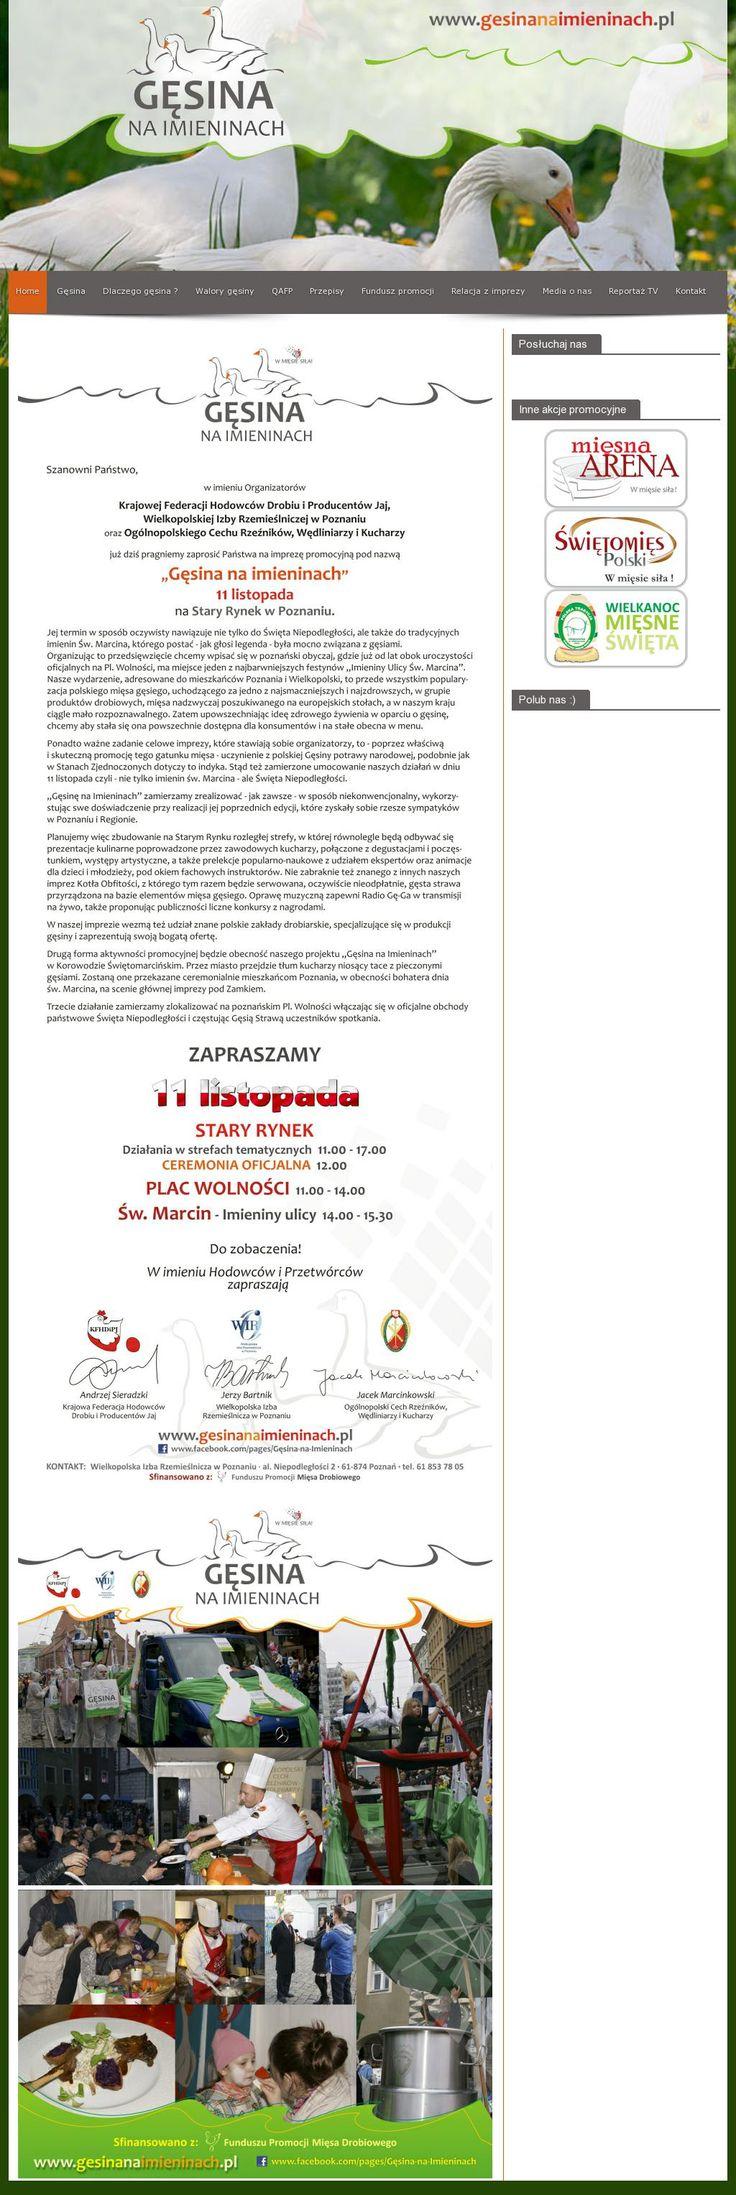 eProgram - projektowanie stron www  #projektowanie_stron, #webdesign, #www  www.gesinanaimieninach.pl